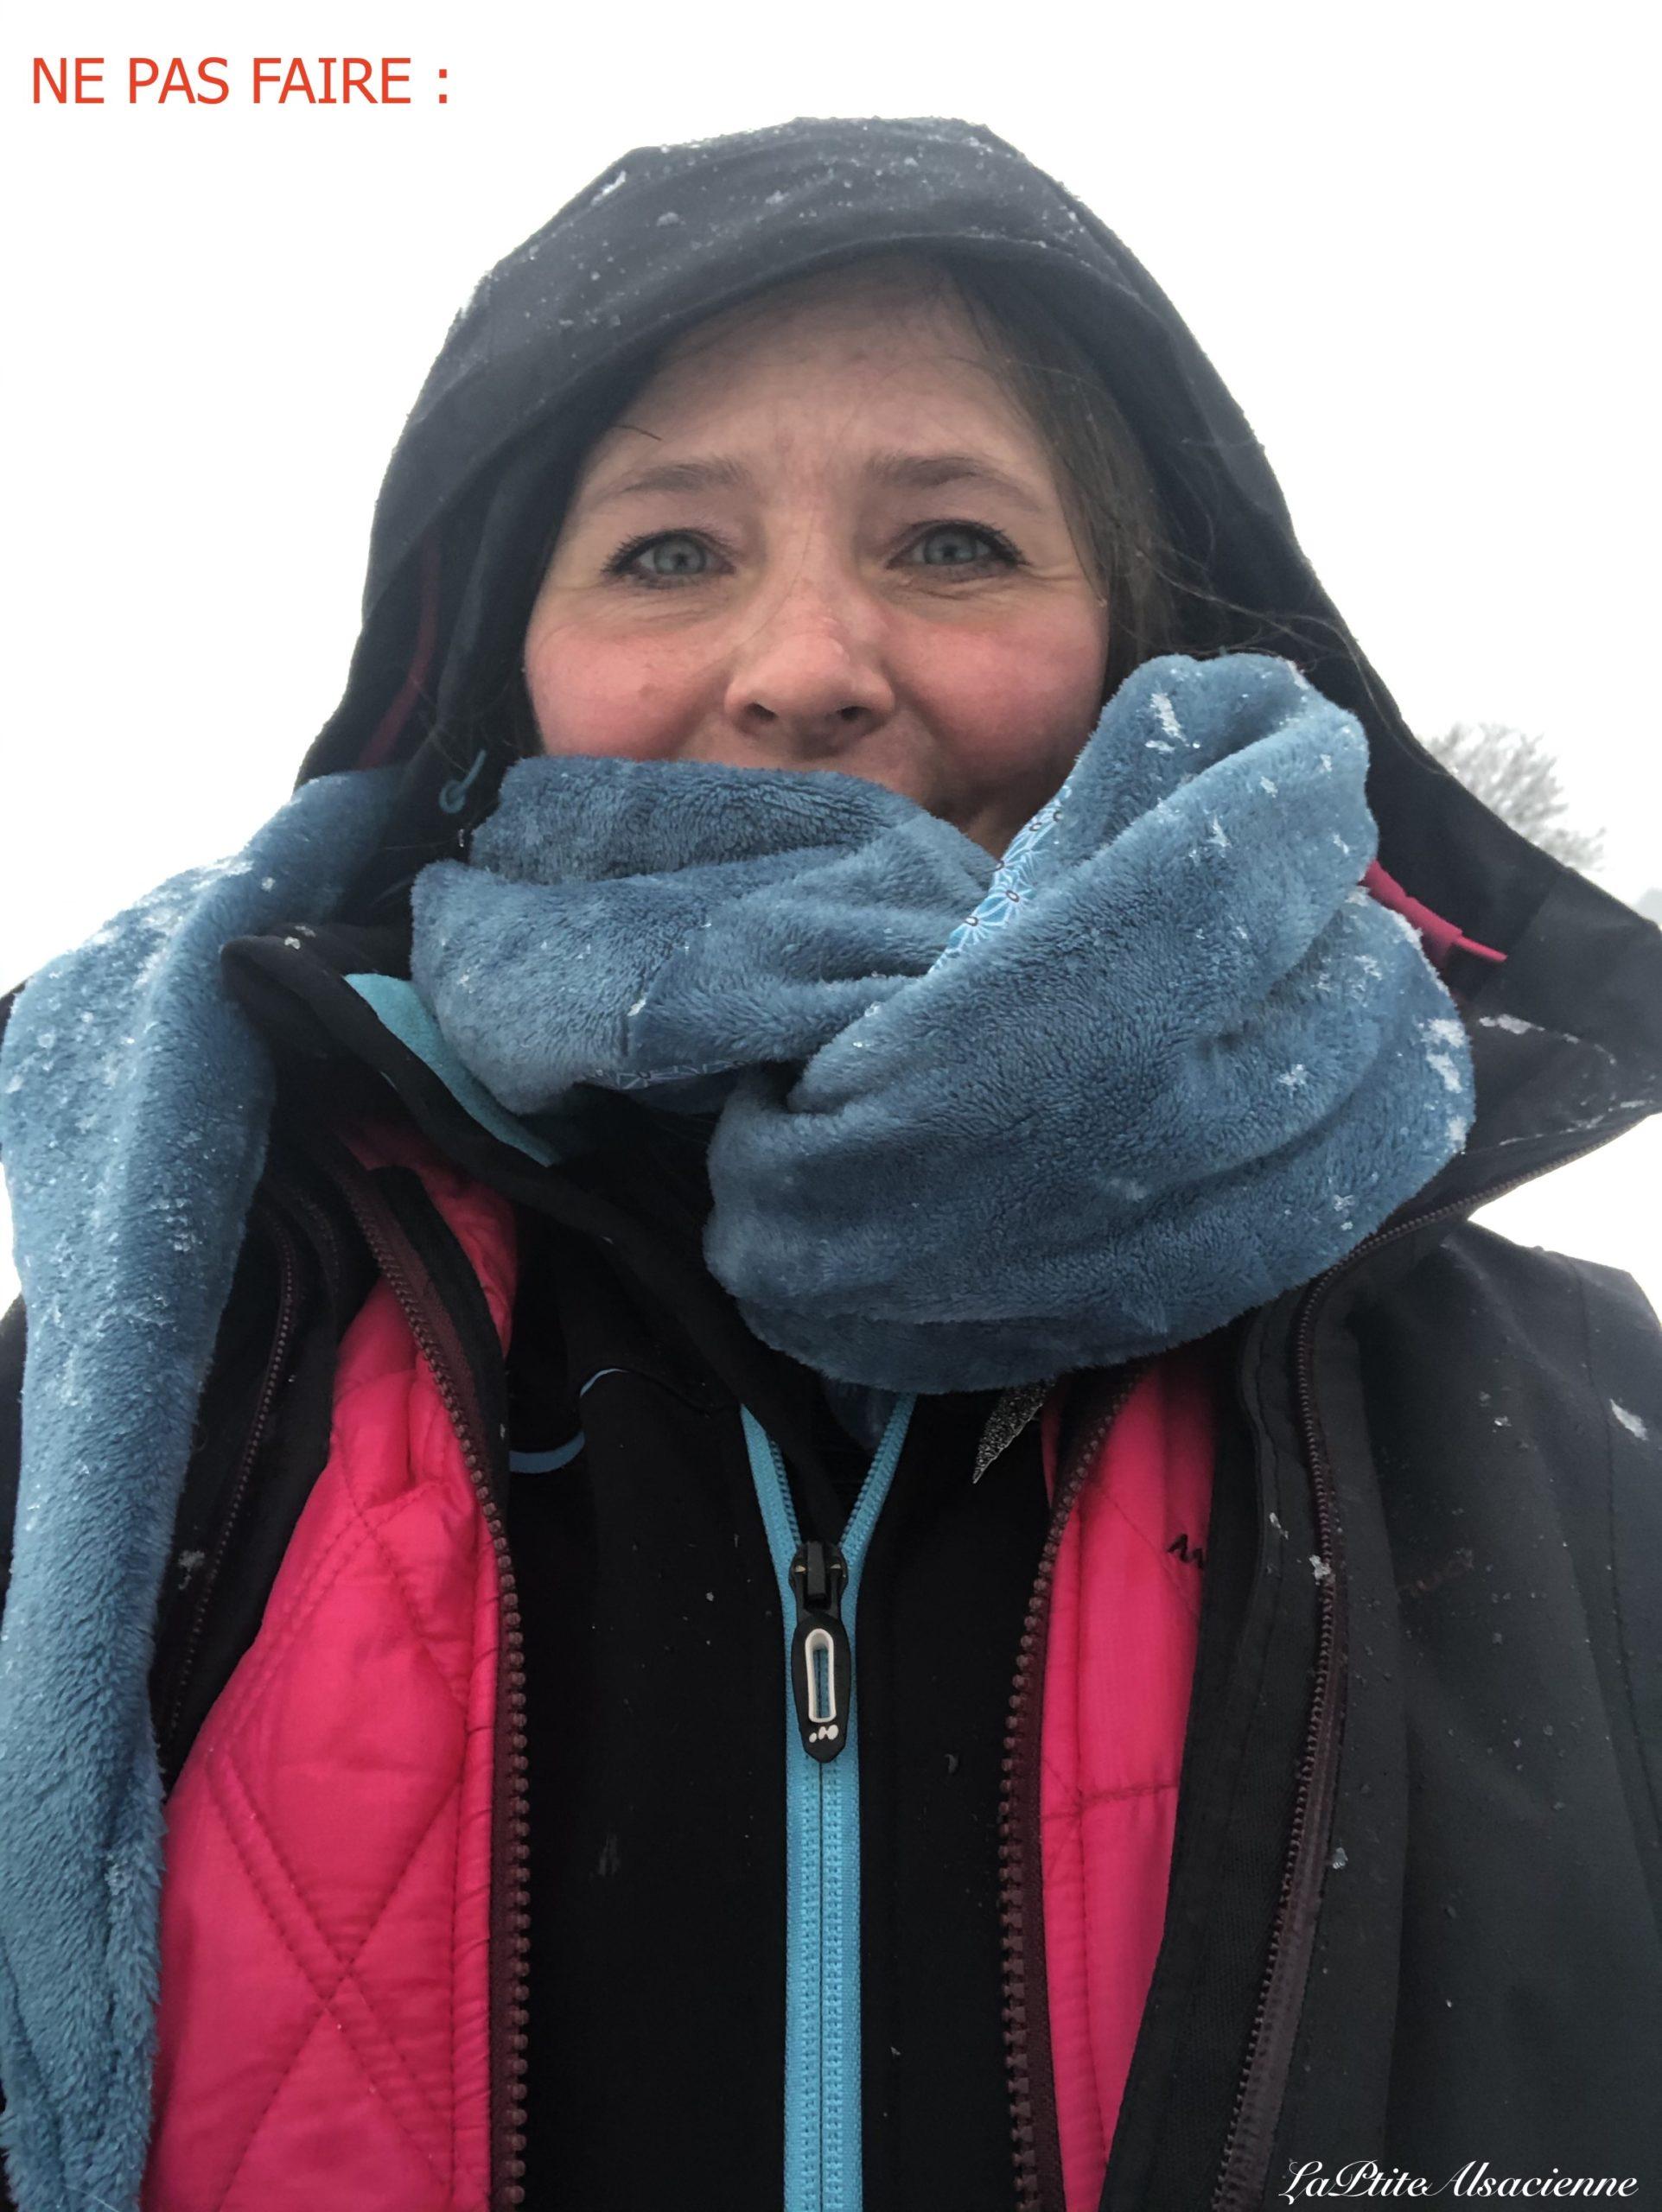 Ici, trop de couches de vêtements pour randonner même dans la neige ! une veste de ski sous la veste chaude et le coupe vent !